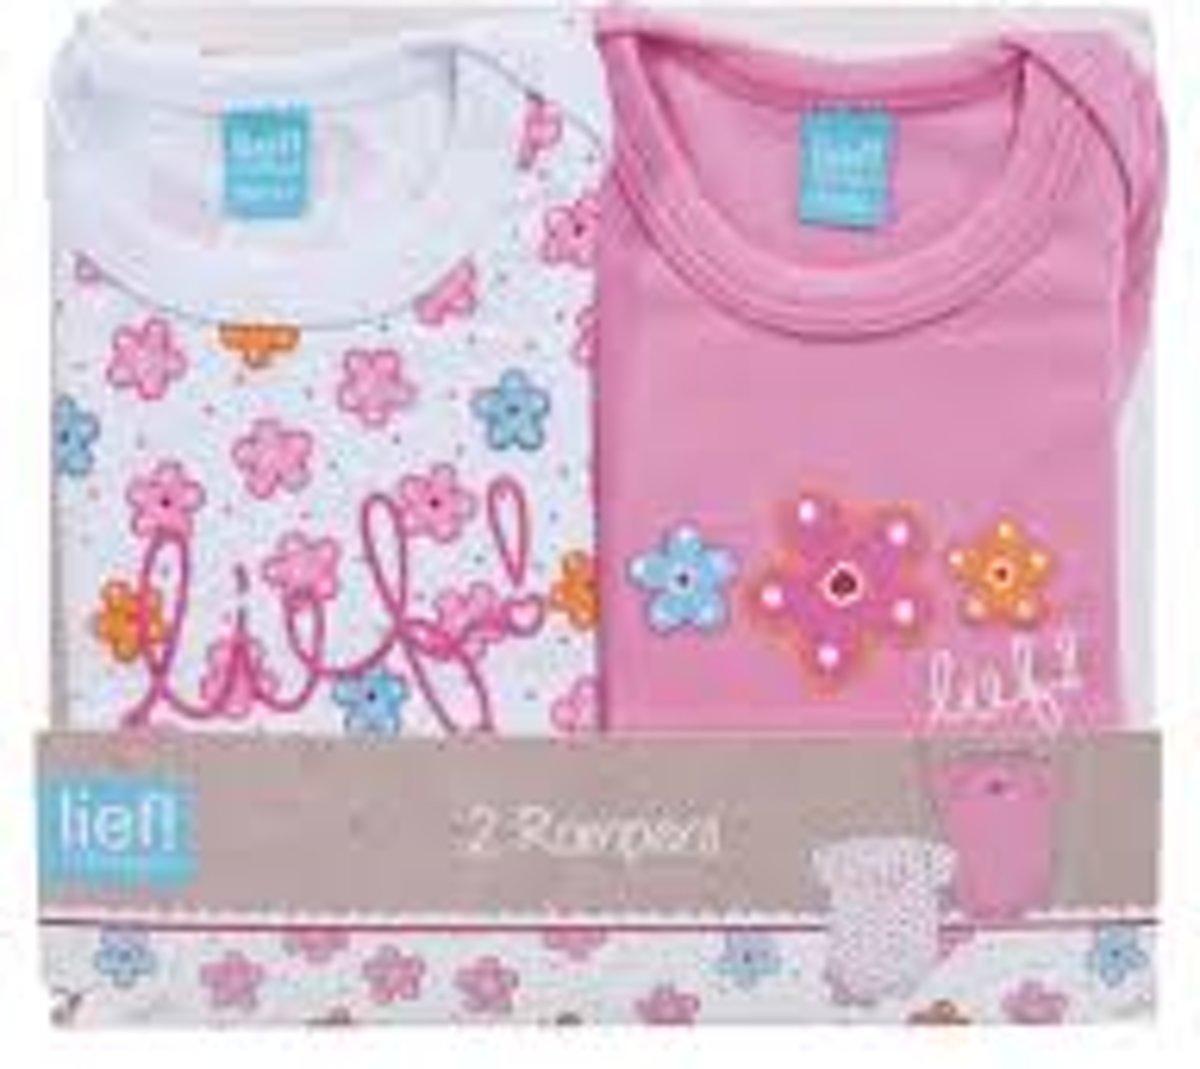 94eed704536888 Lief! 2 Pack Rompertjes voor Meisjes Roze maat 74-80 | Babykleding ...